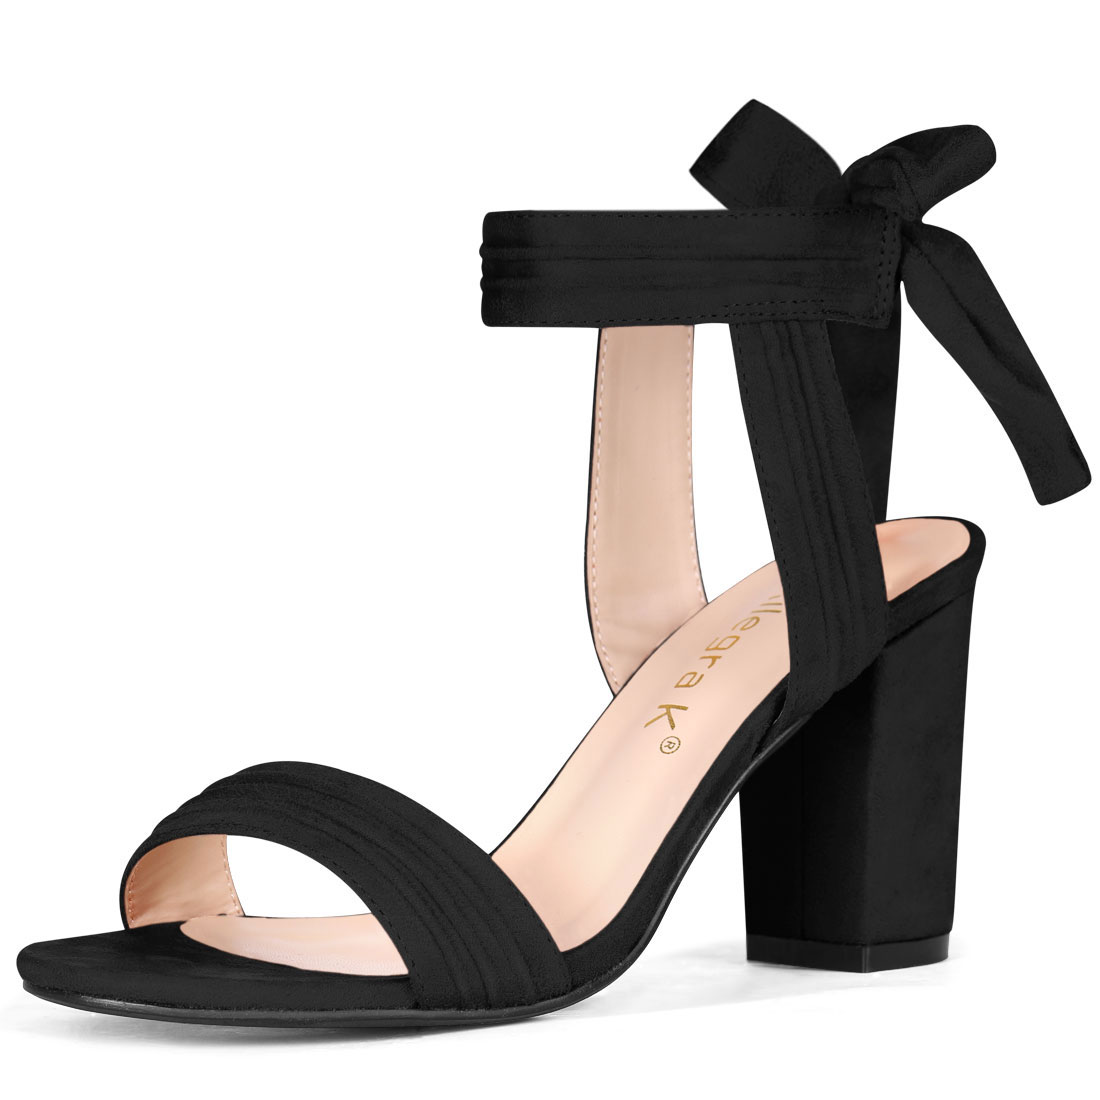 Allegra K Women's Open Toe Ankle Tie Back Chunky Heel Sandals Black US 10.5